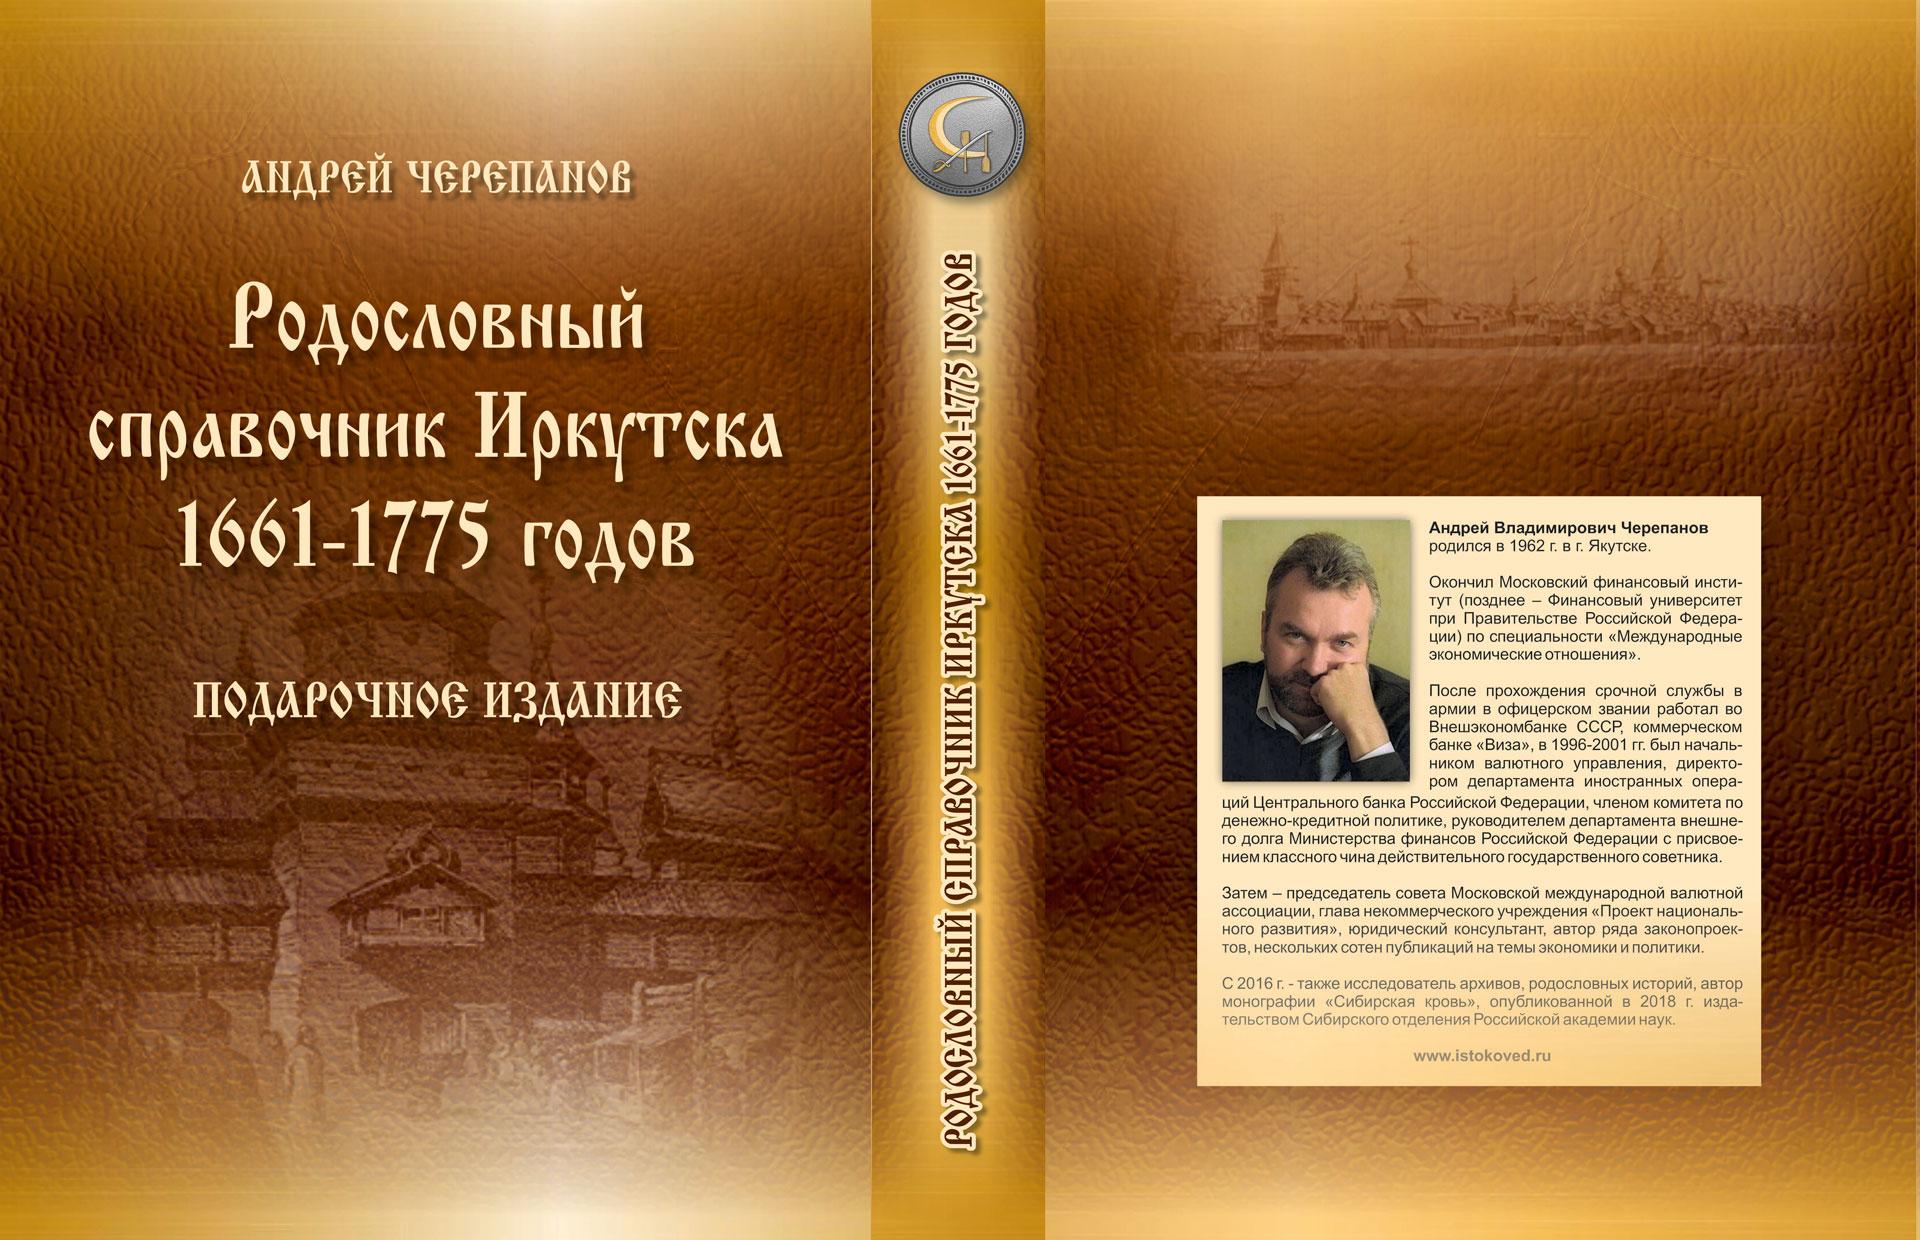 Родословный справочник Иркутска 1661-1775 годов.